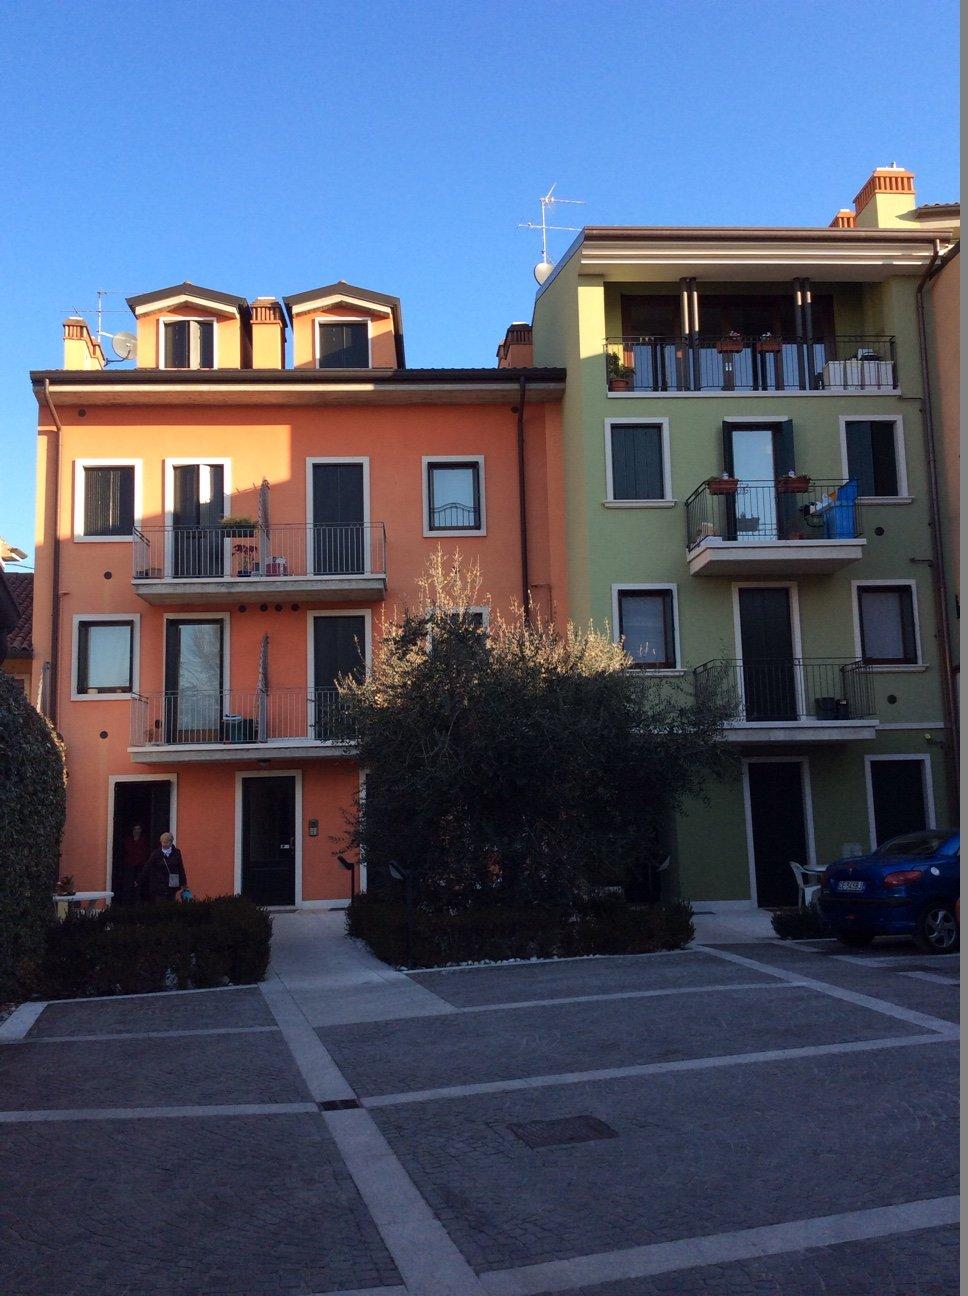 un condominio arancione e uno verde attaccati